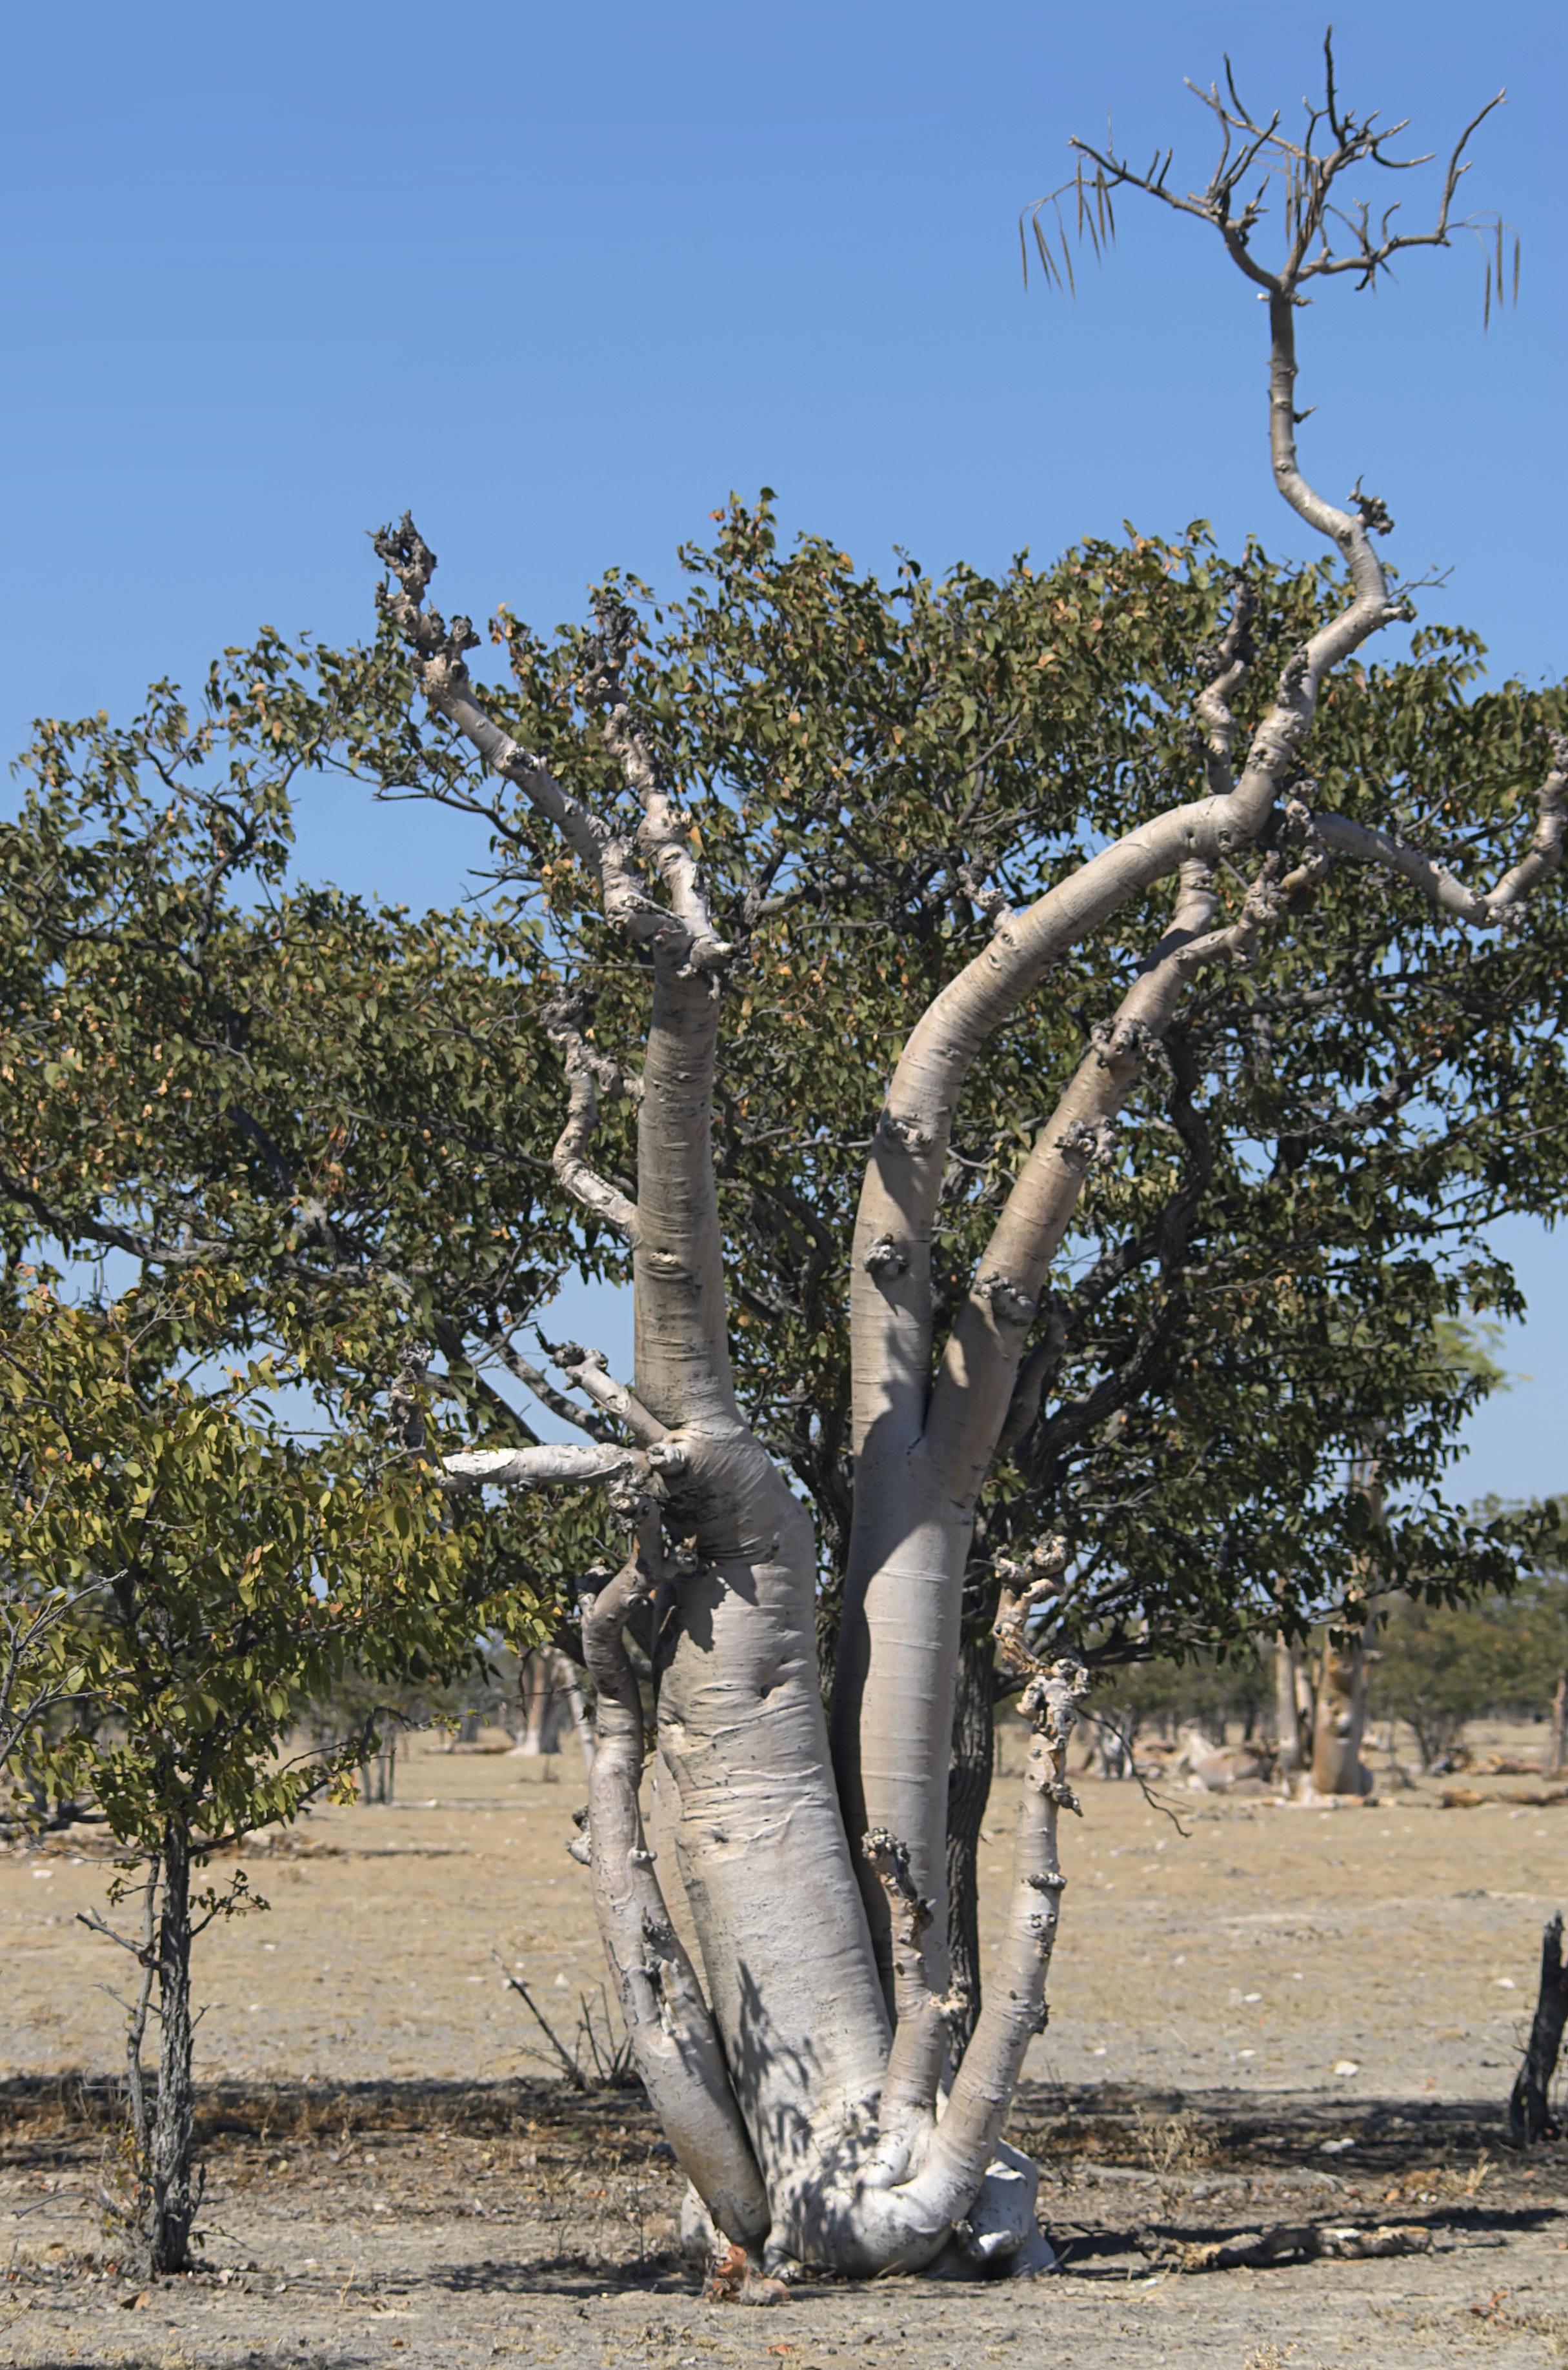 Moringa - Wikipedia